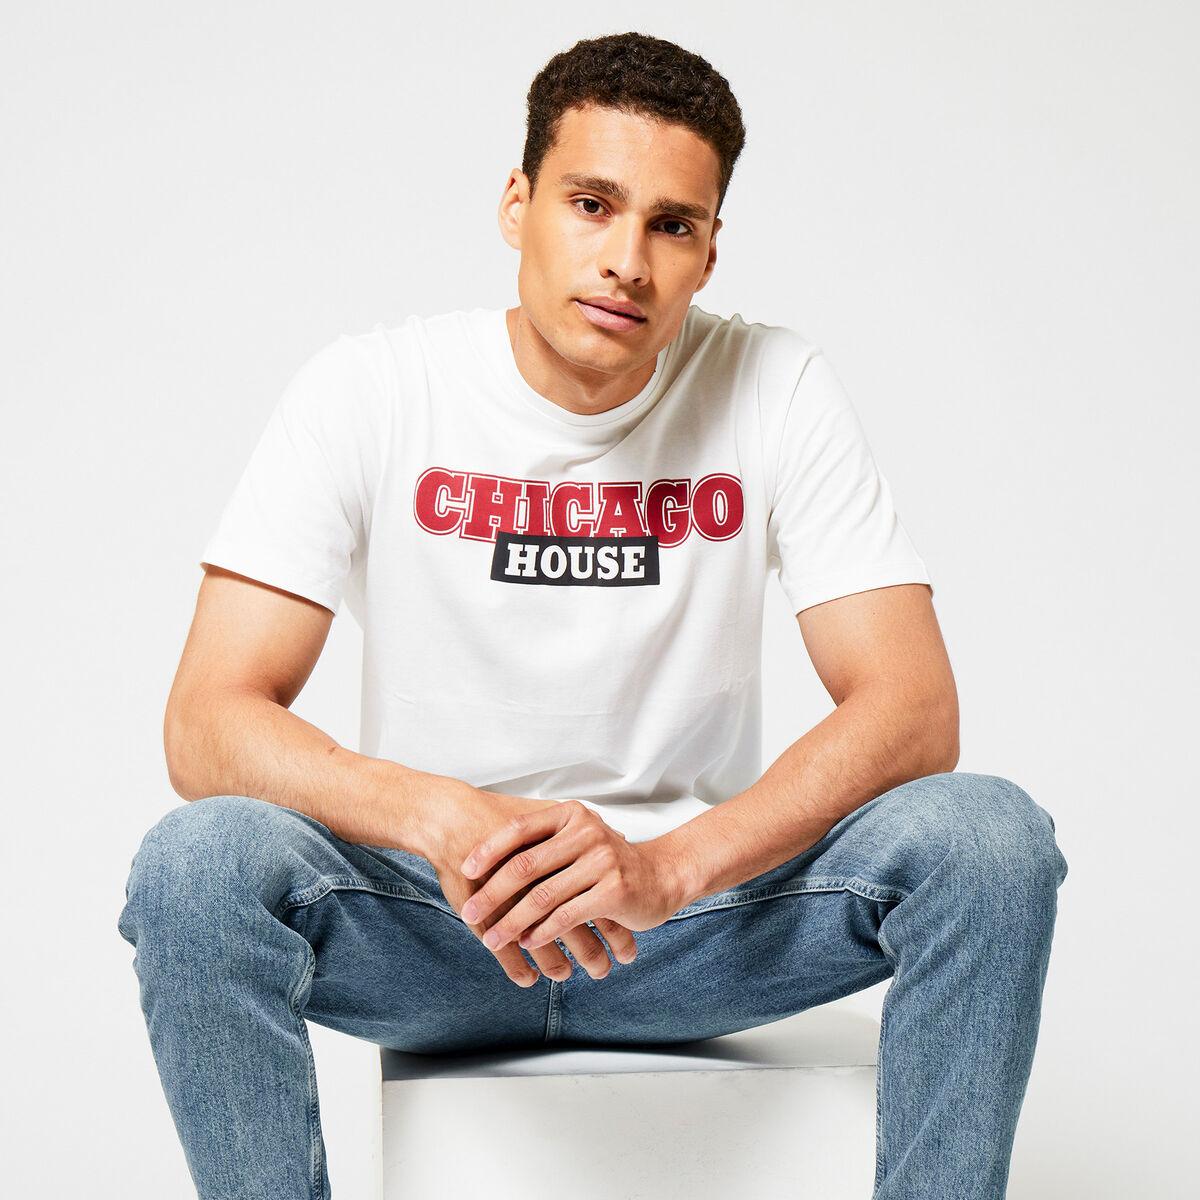 Eddie Chicago